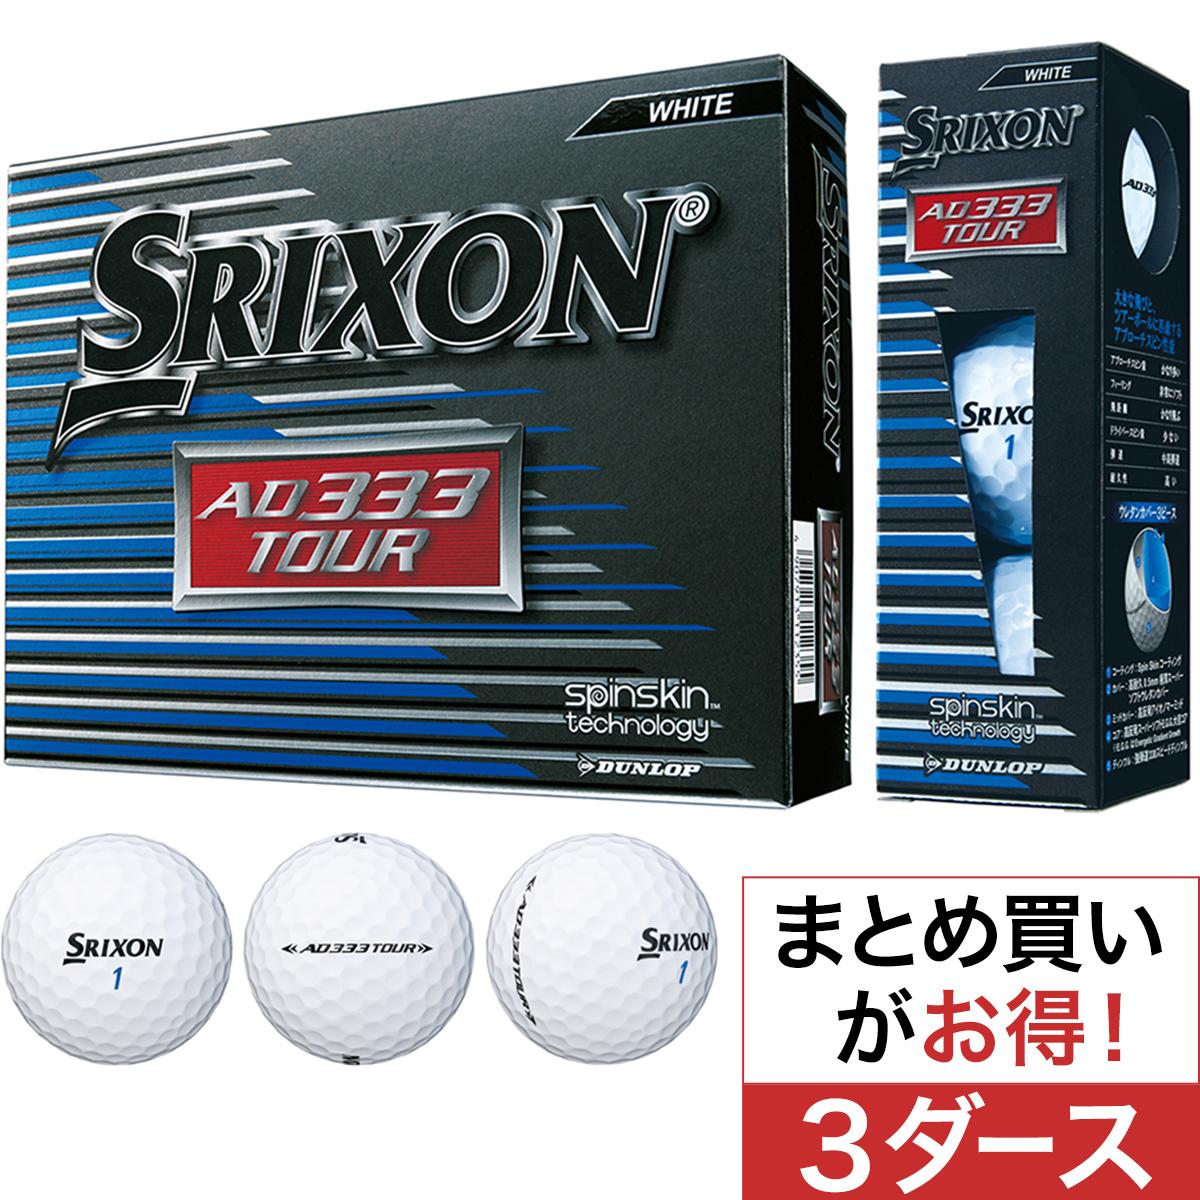 スリクソン AD333 TOUR ボール 3ダースセット